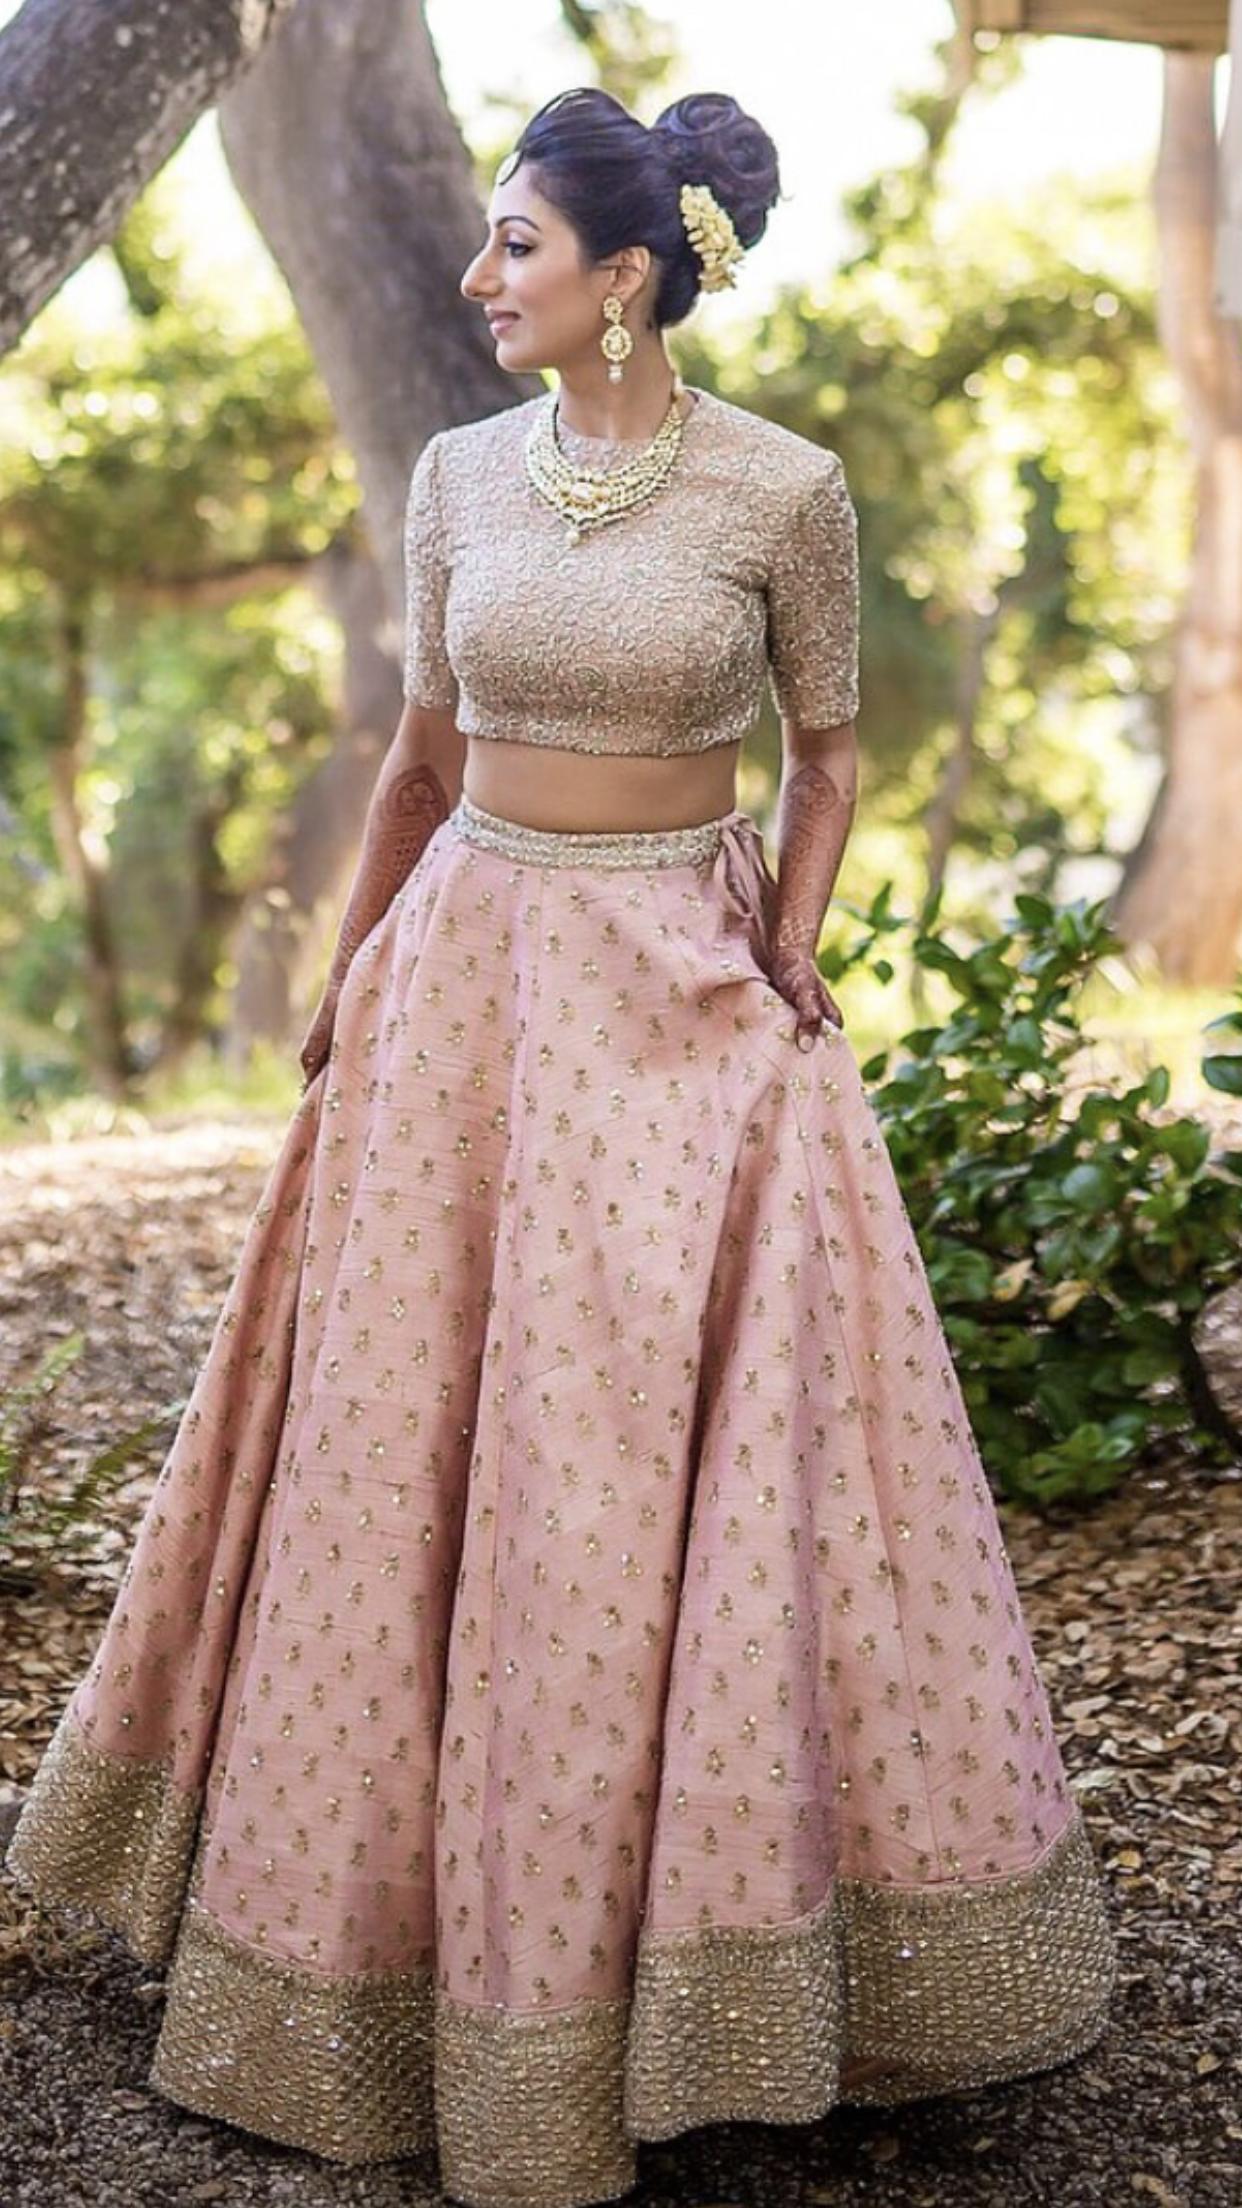 Sabyasachi   Wedding wear   Pinterest   Ropa india, En vogue y India